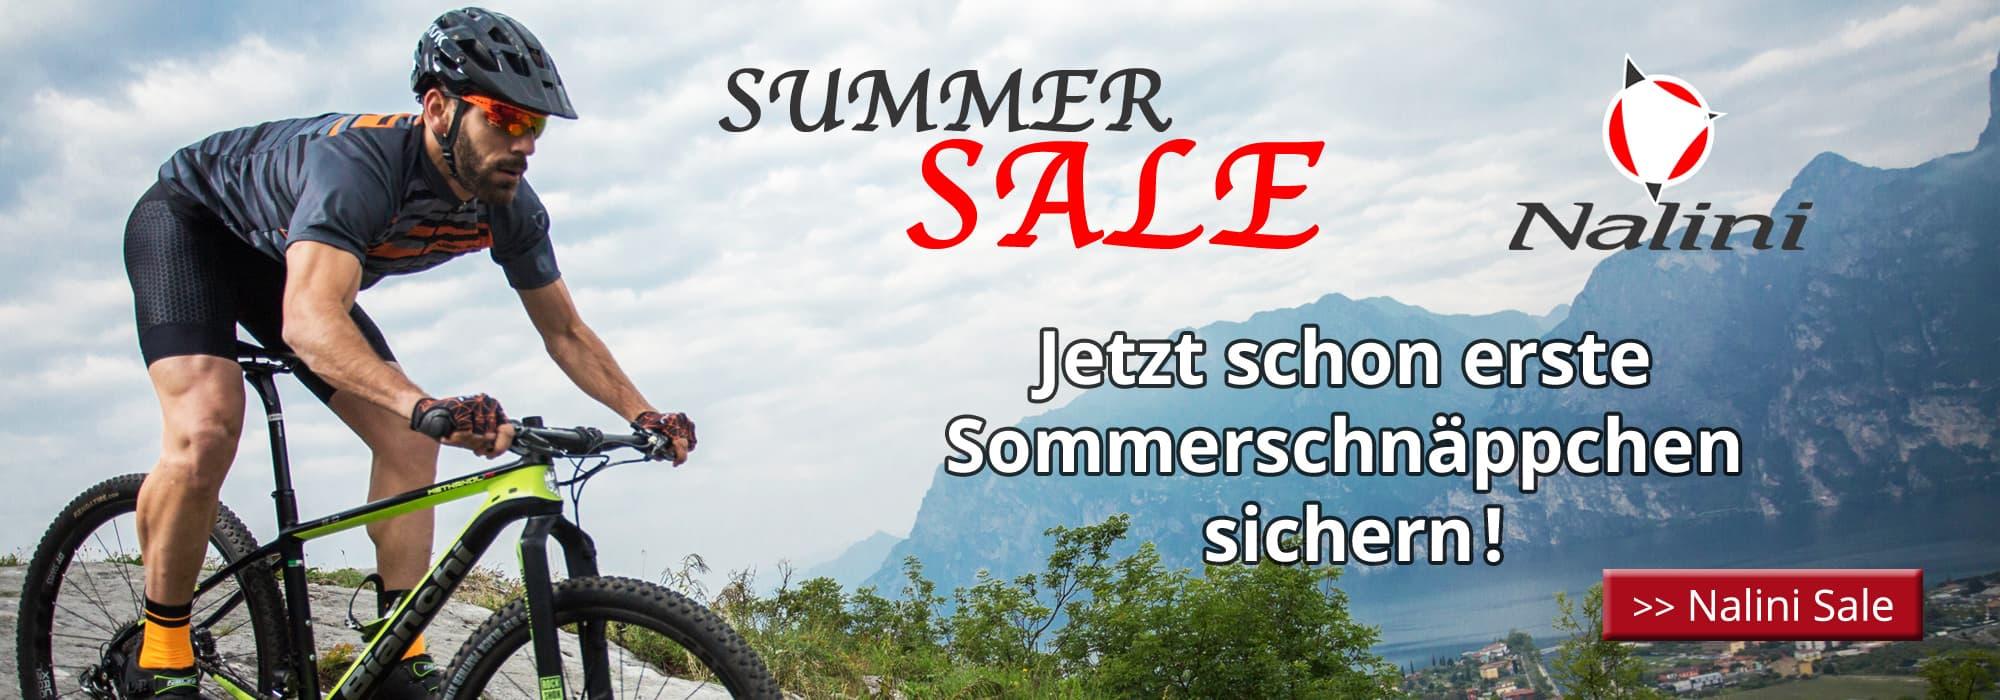 Nalini Summer Sale - Jetzt erste Sommerschnäppchen sichern